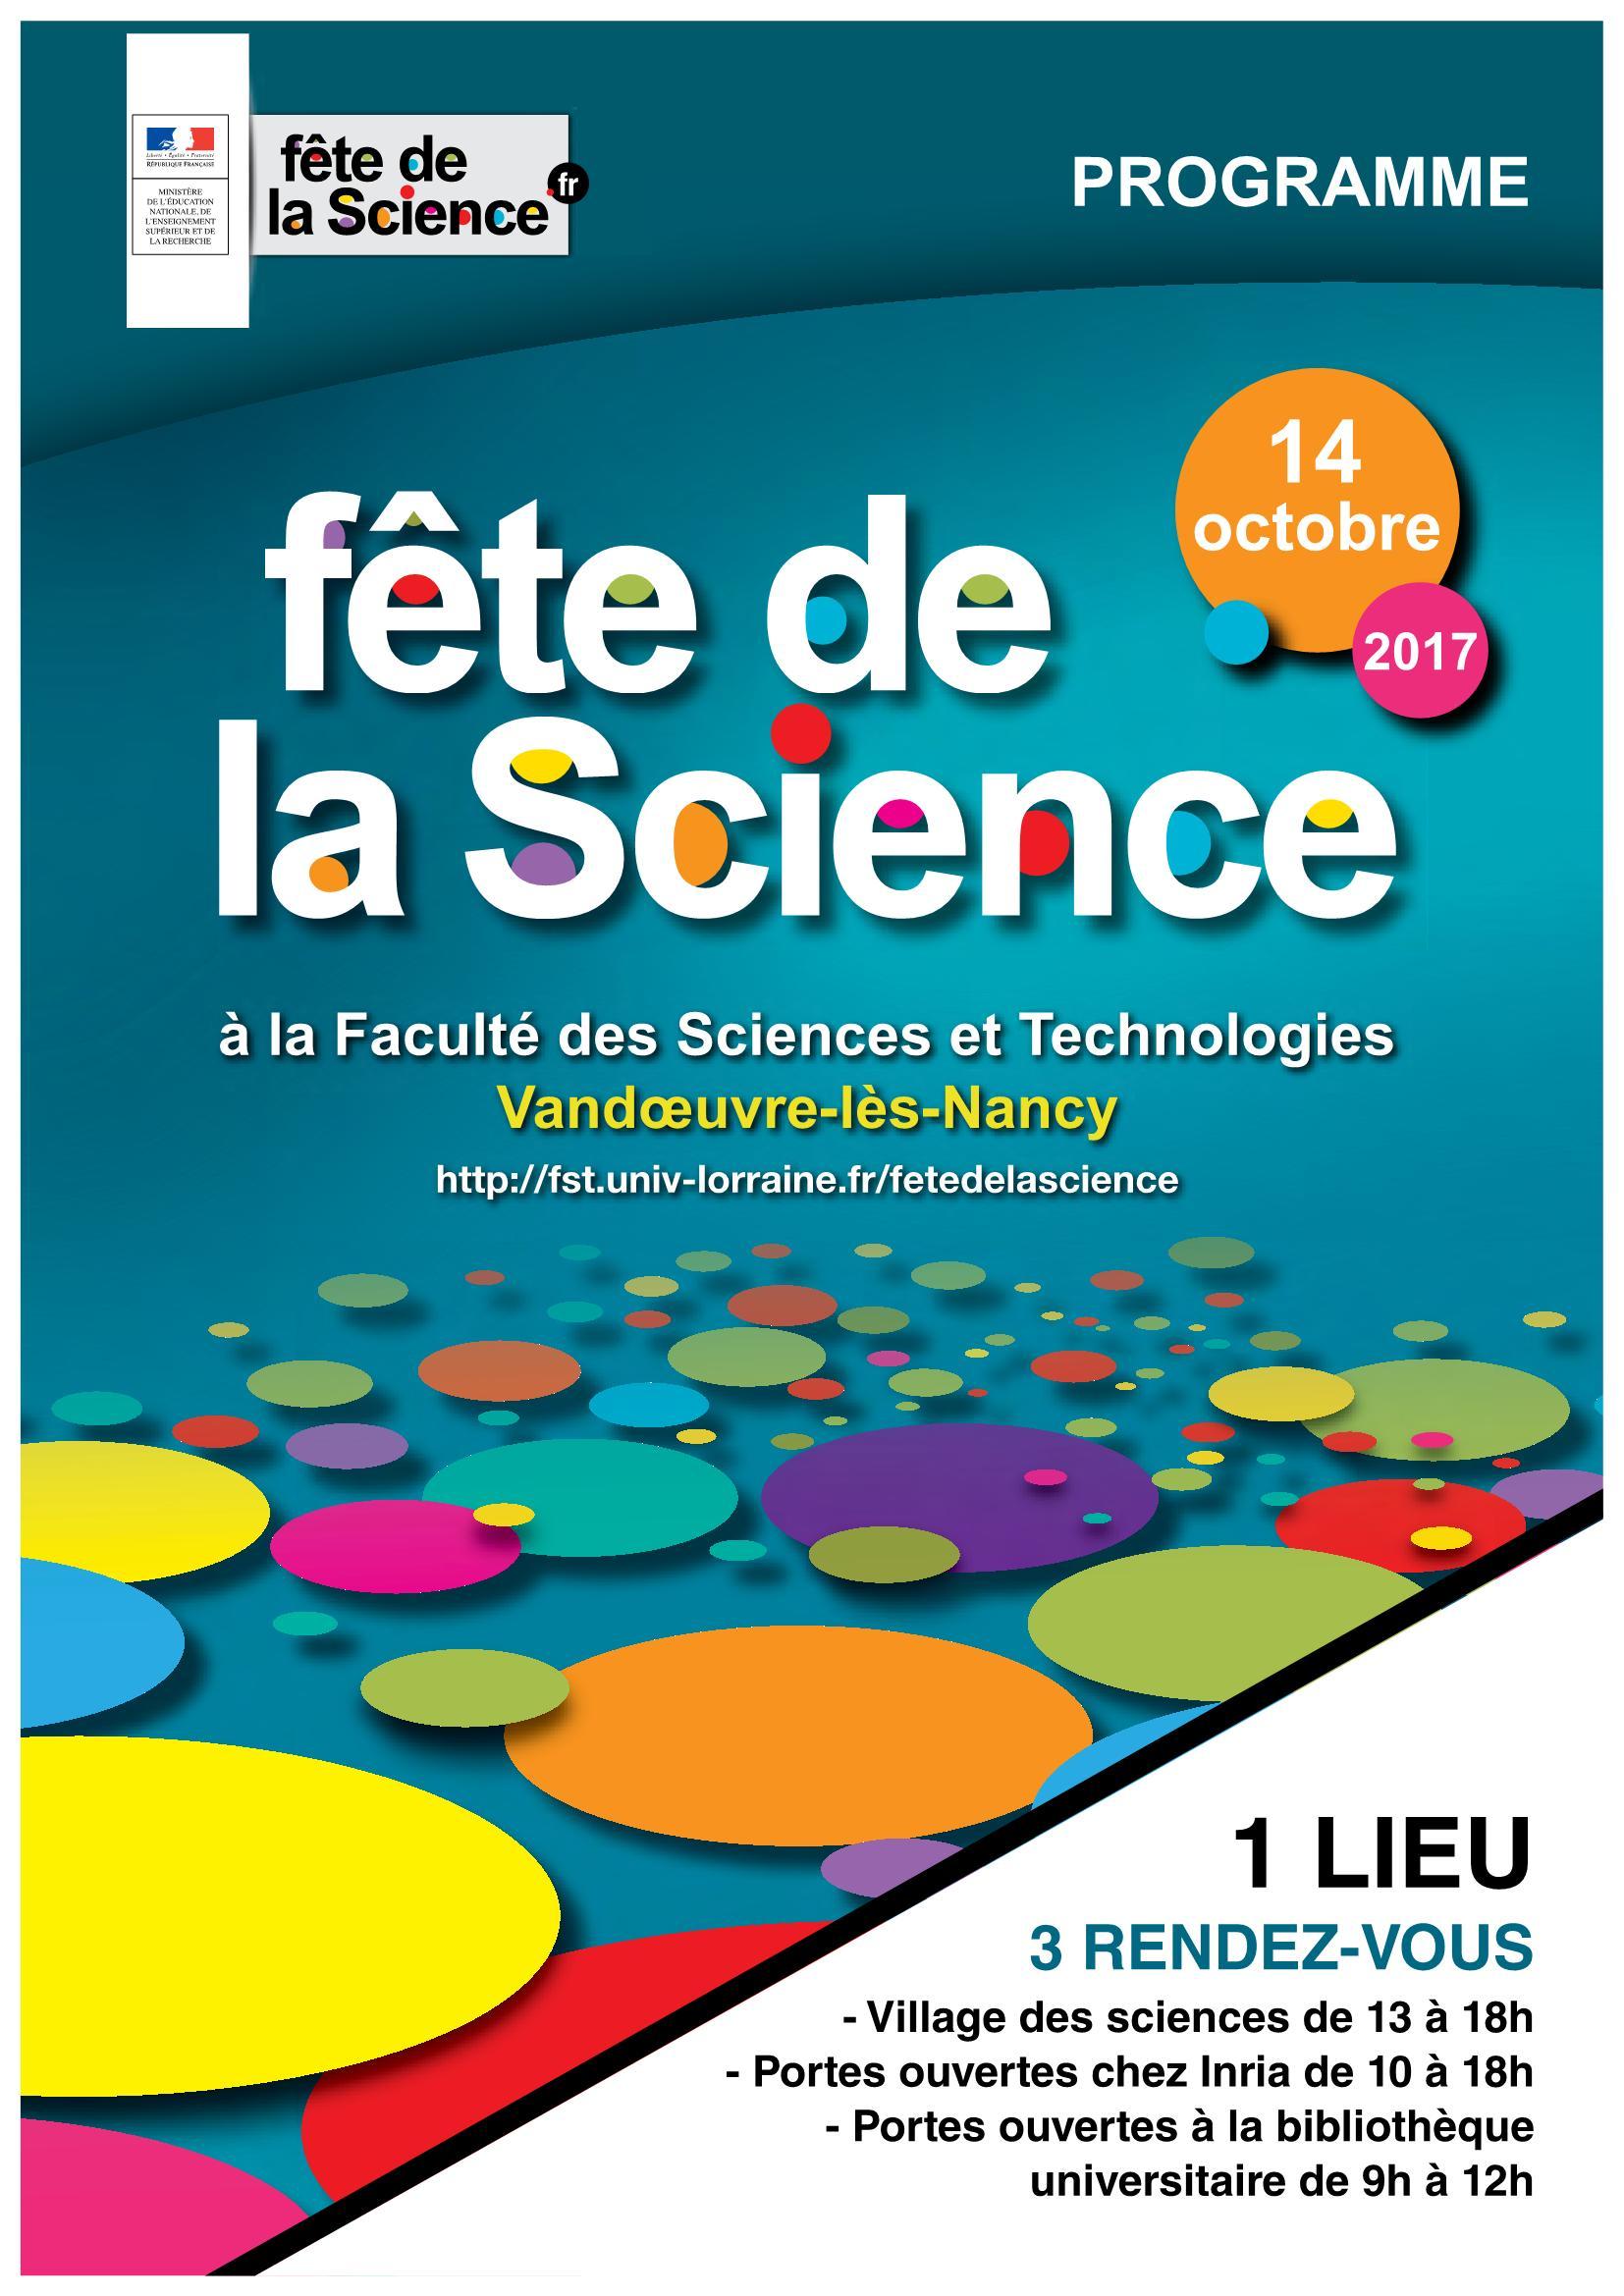 Village de la Science à Vandoeuvre-lès-Nancy